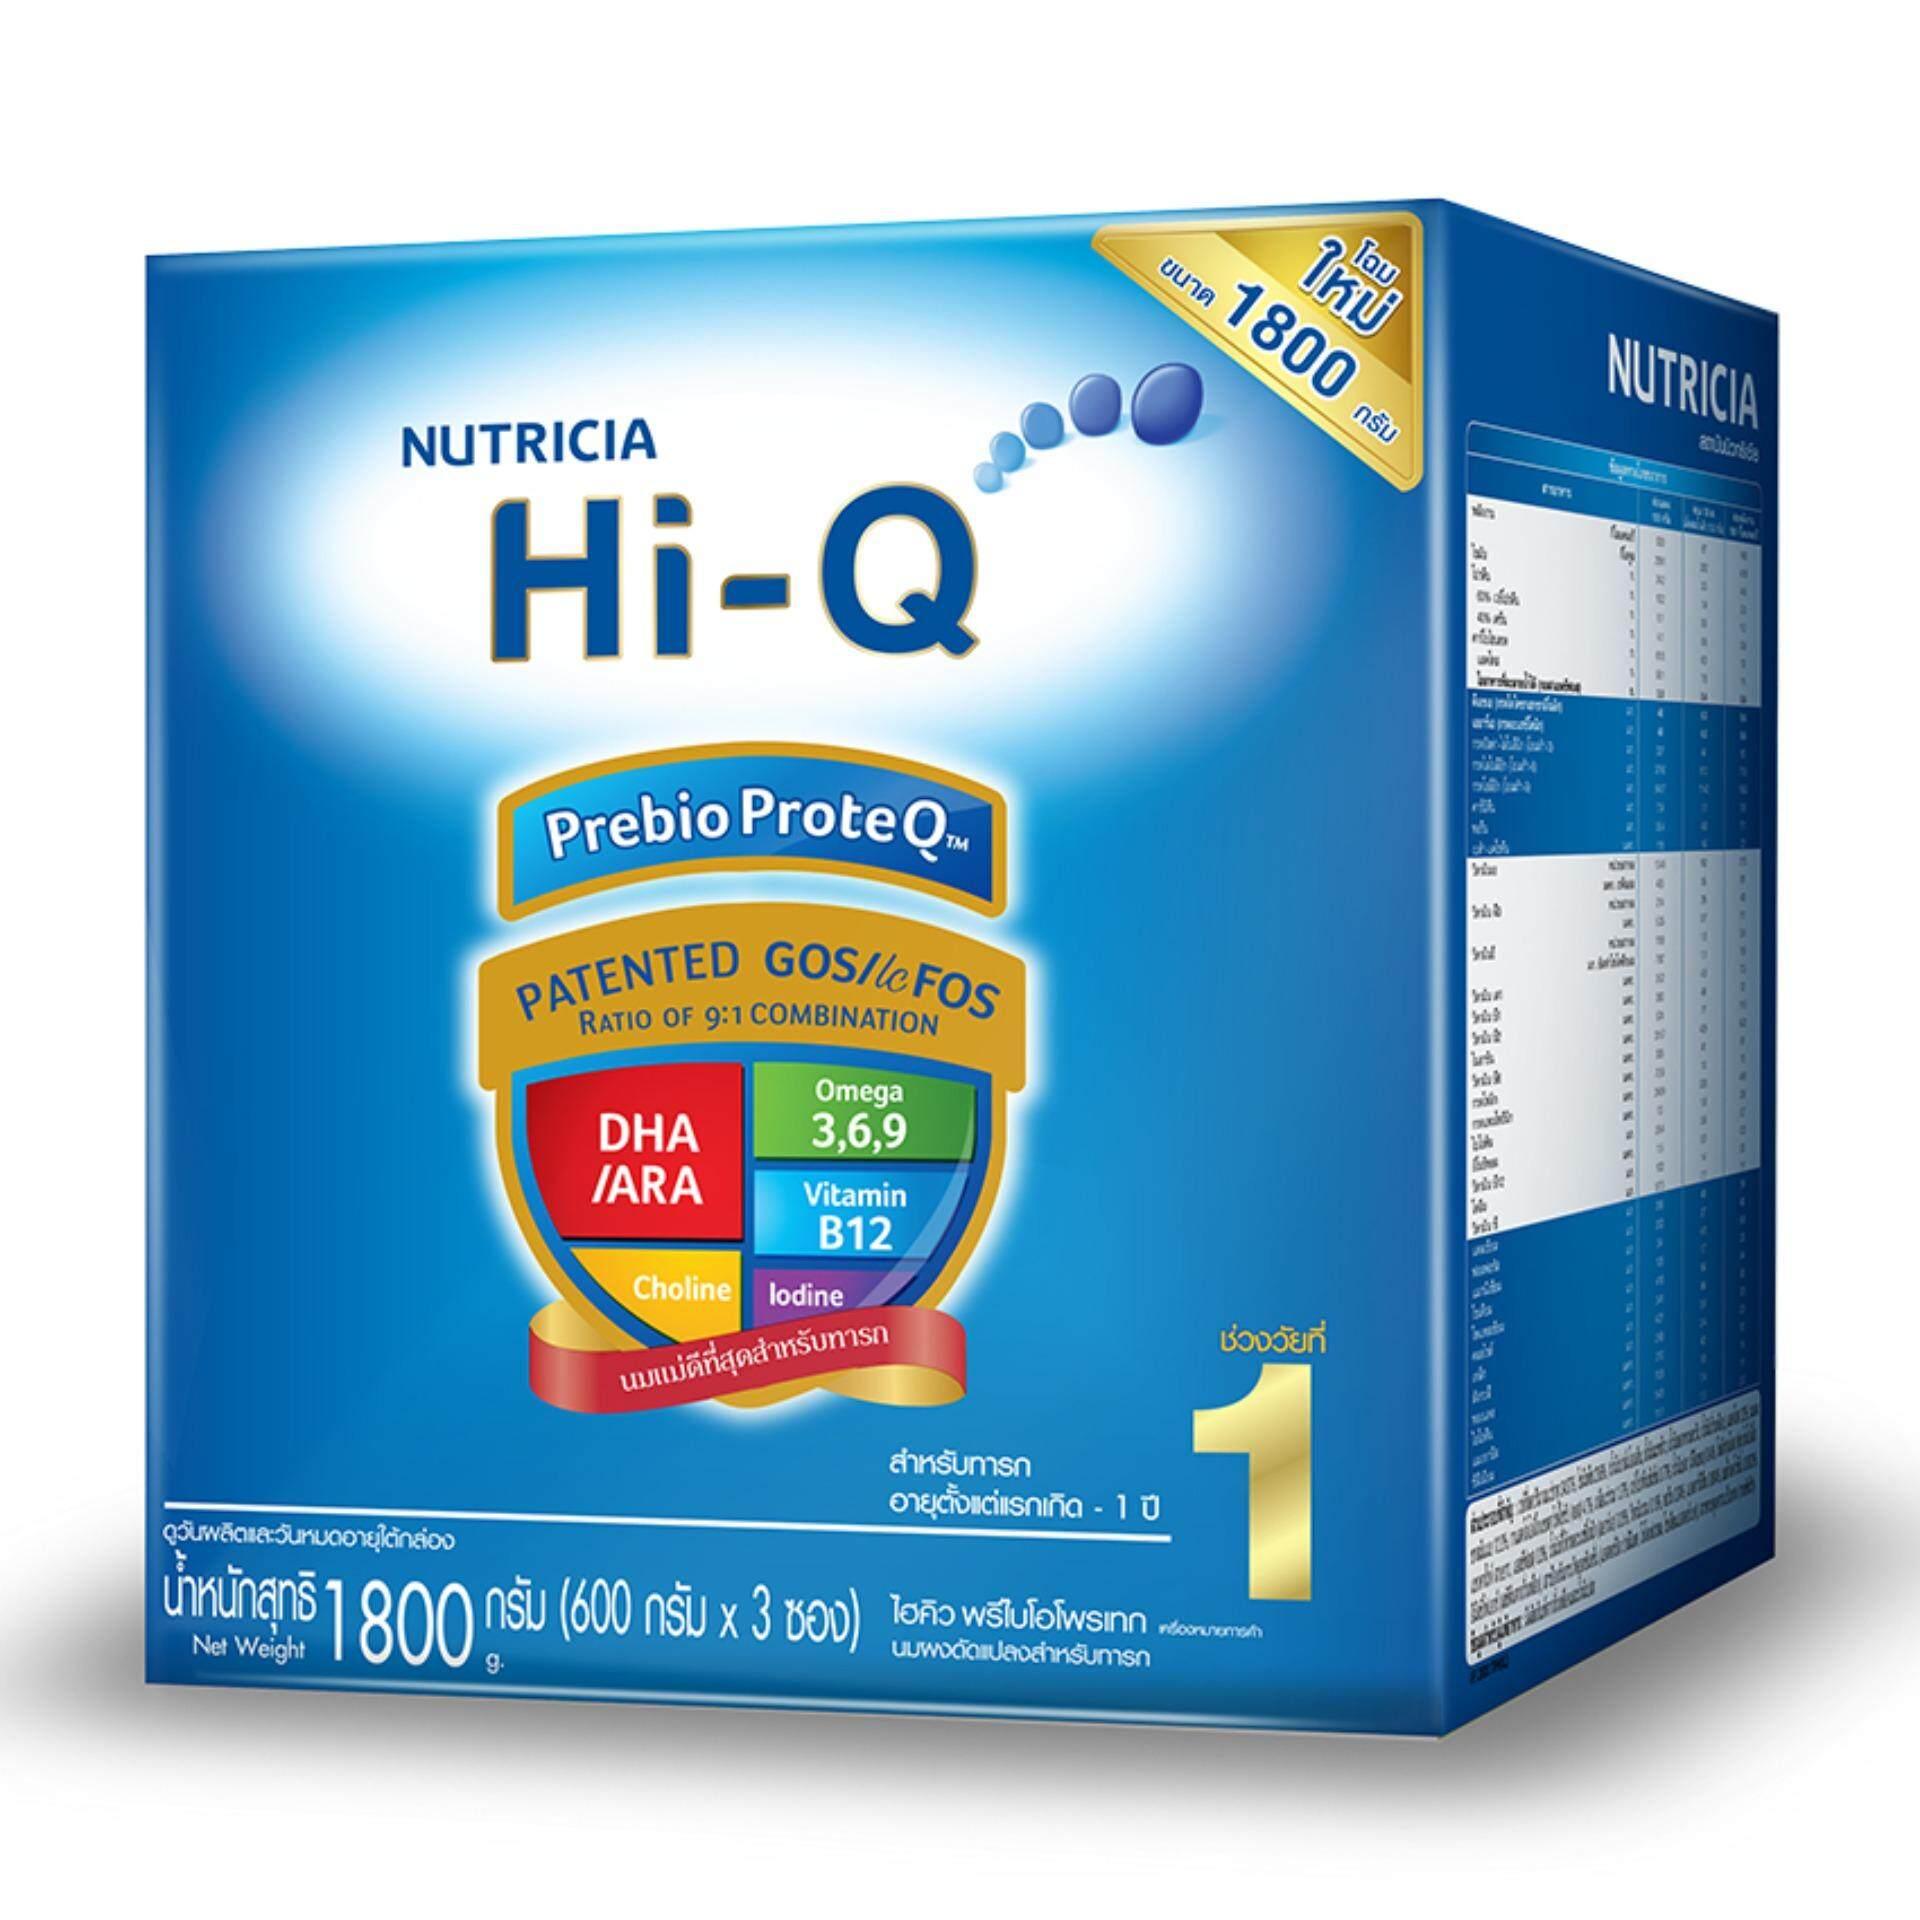 ราคา Hi Q ไฮคิว นมผง พรีไบโอโพรเทค ช่วงวัยที่ 1 รสจืด 1800 กรัม ใหม่